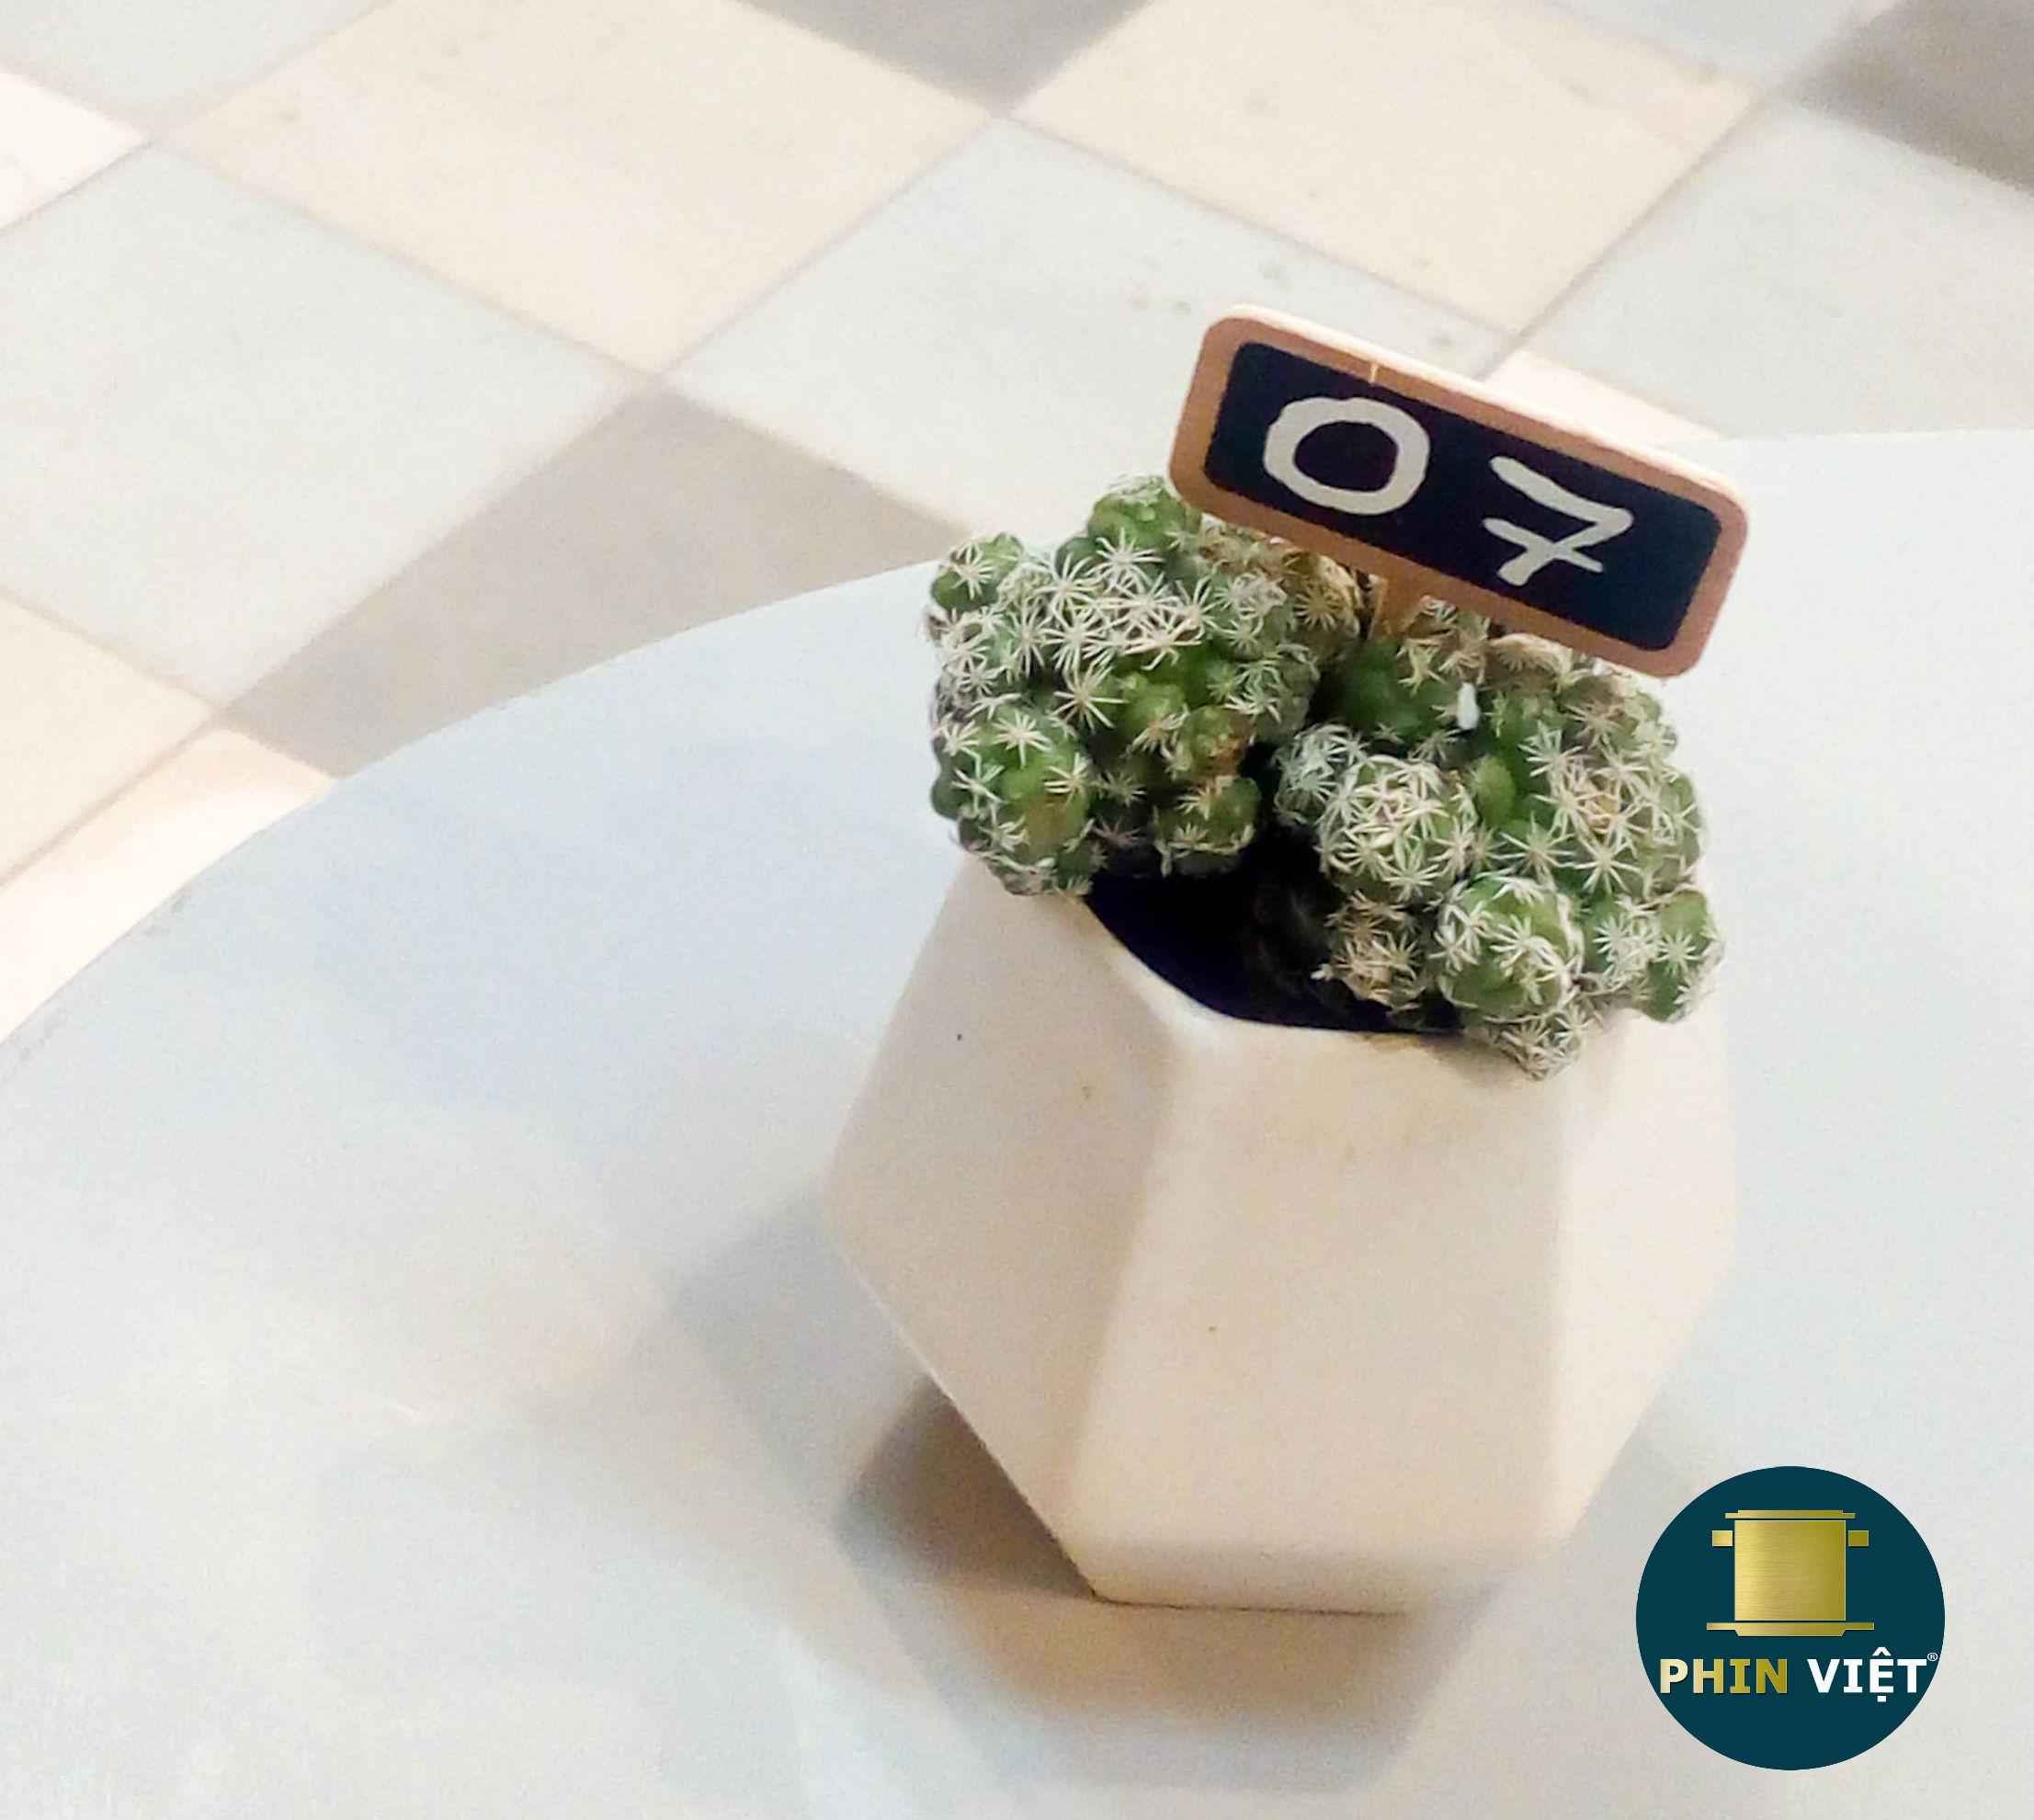 Trang trí số bàn bằng chậu cây nhỏ xinh